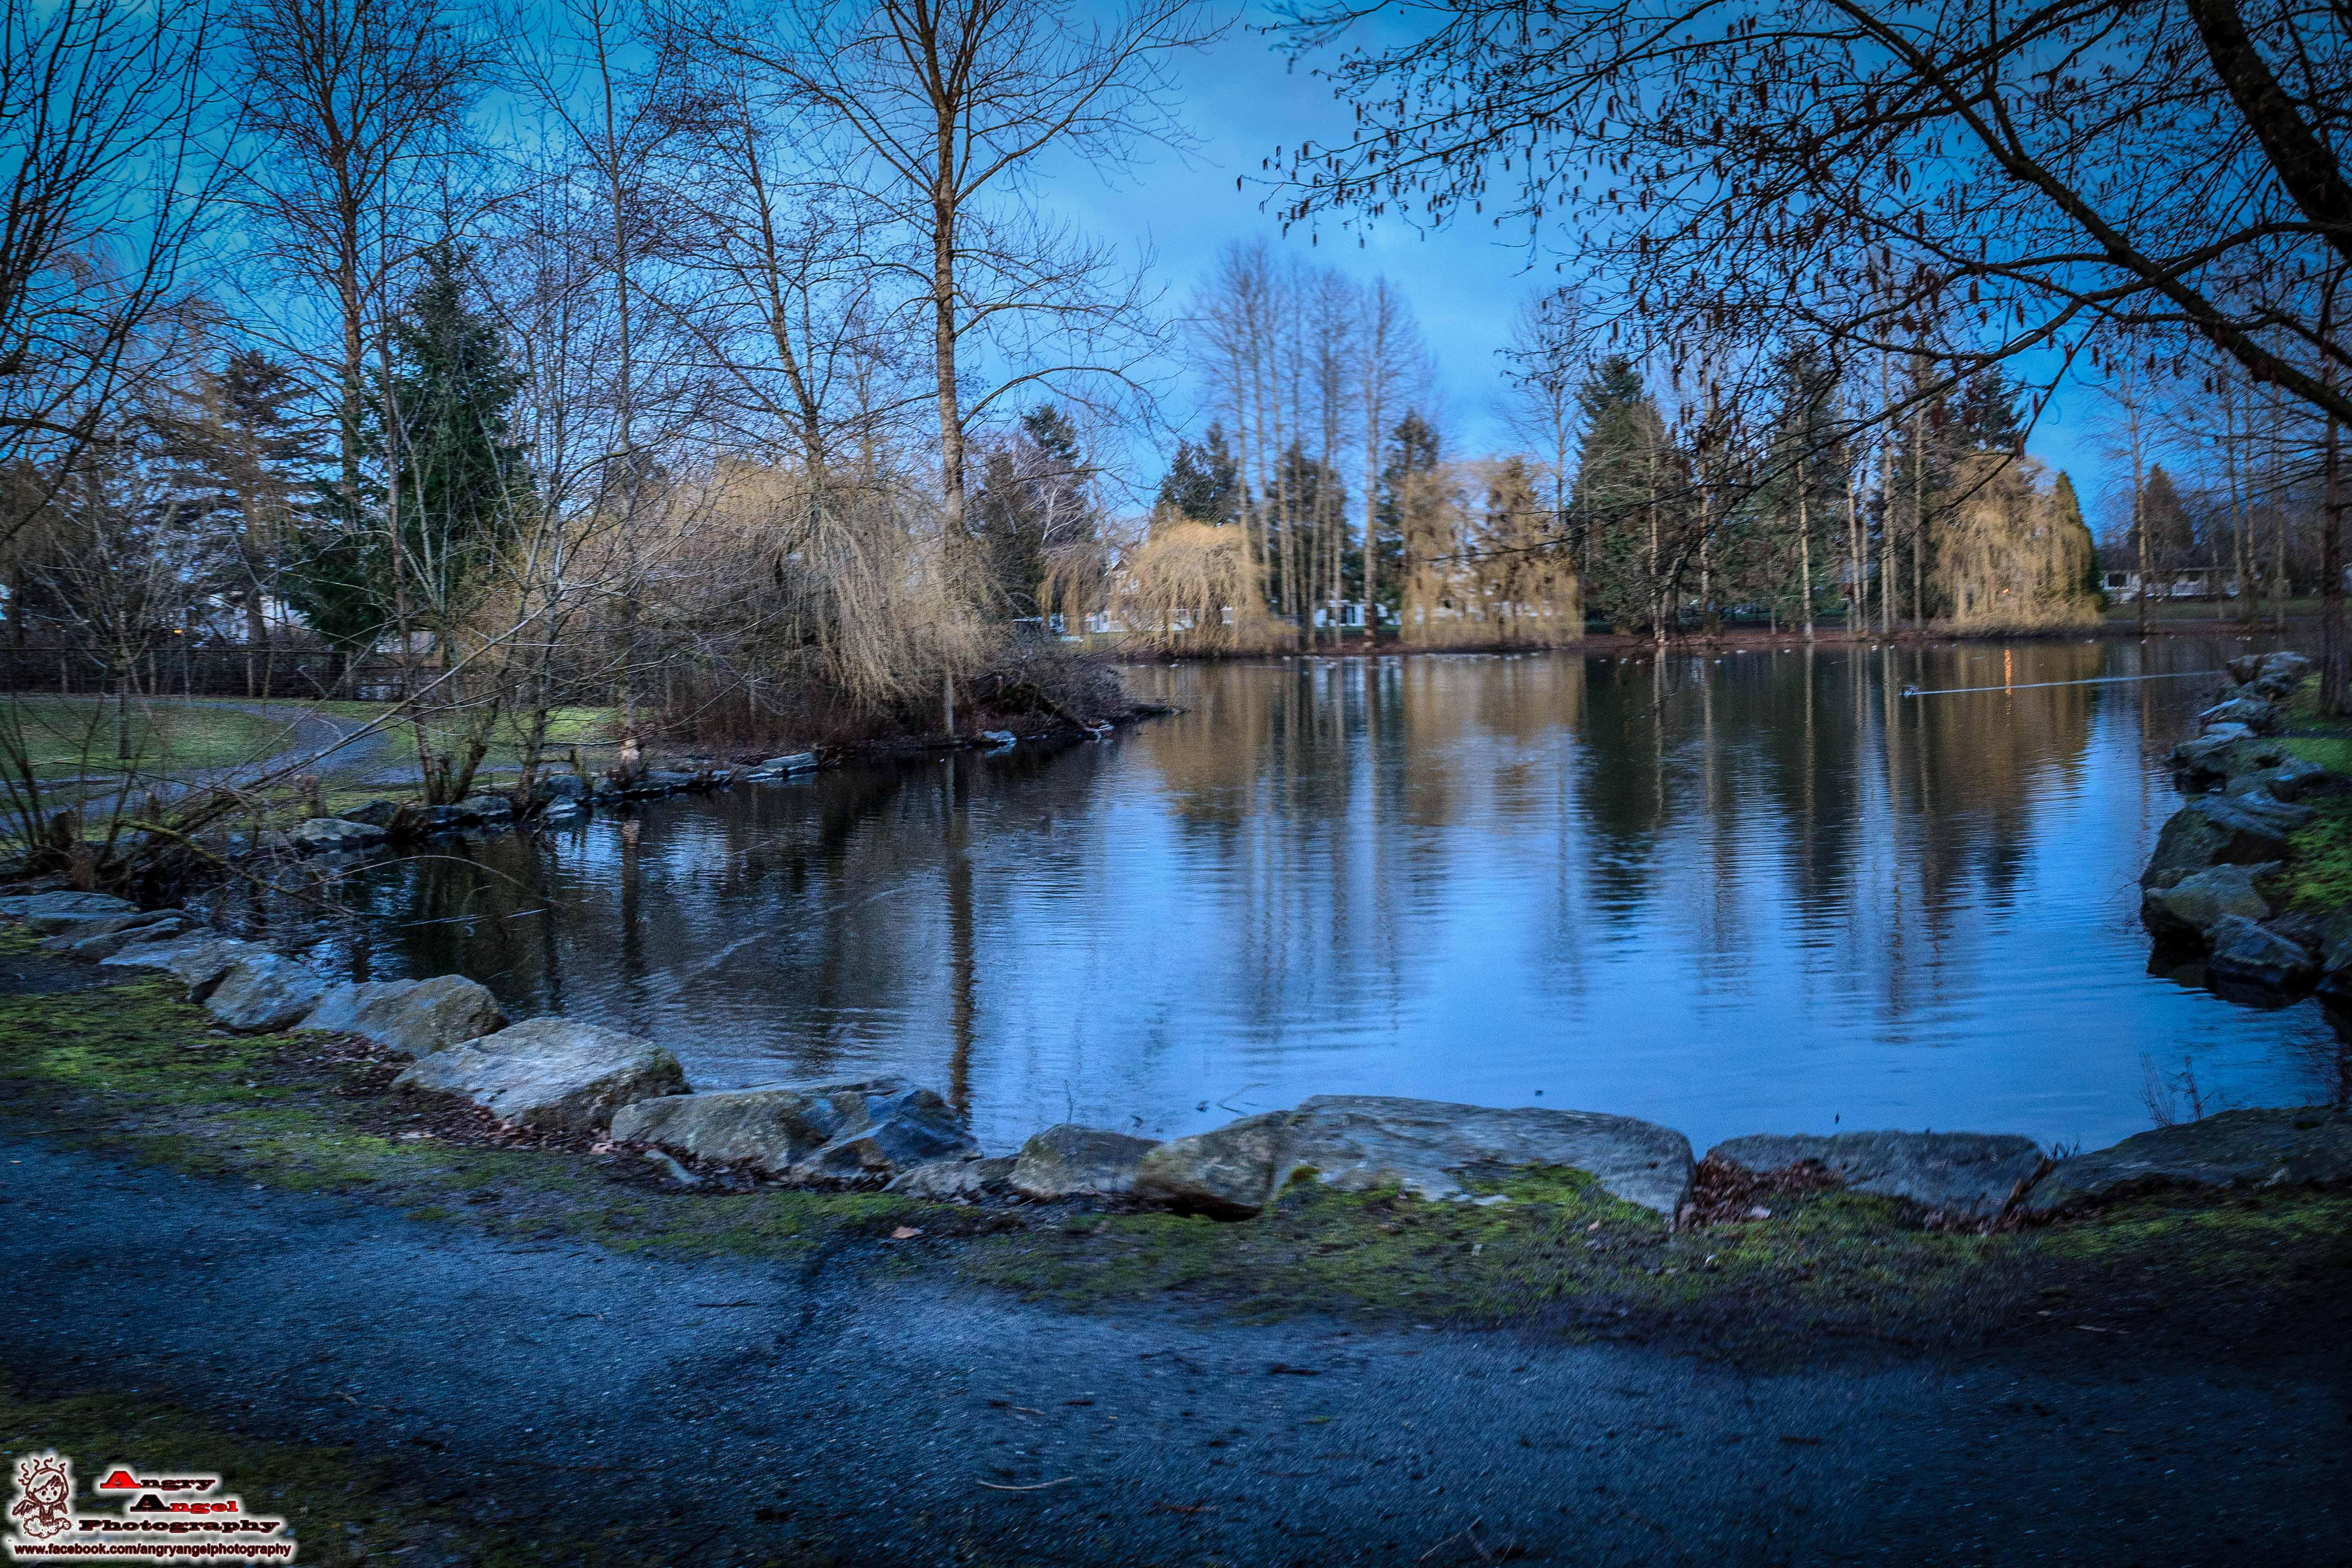 Sardis Park